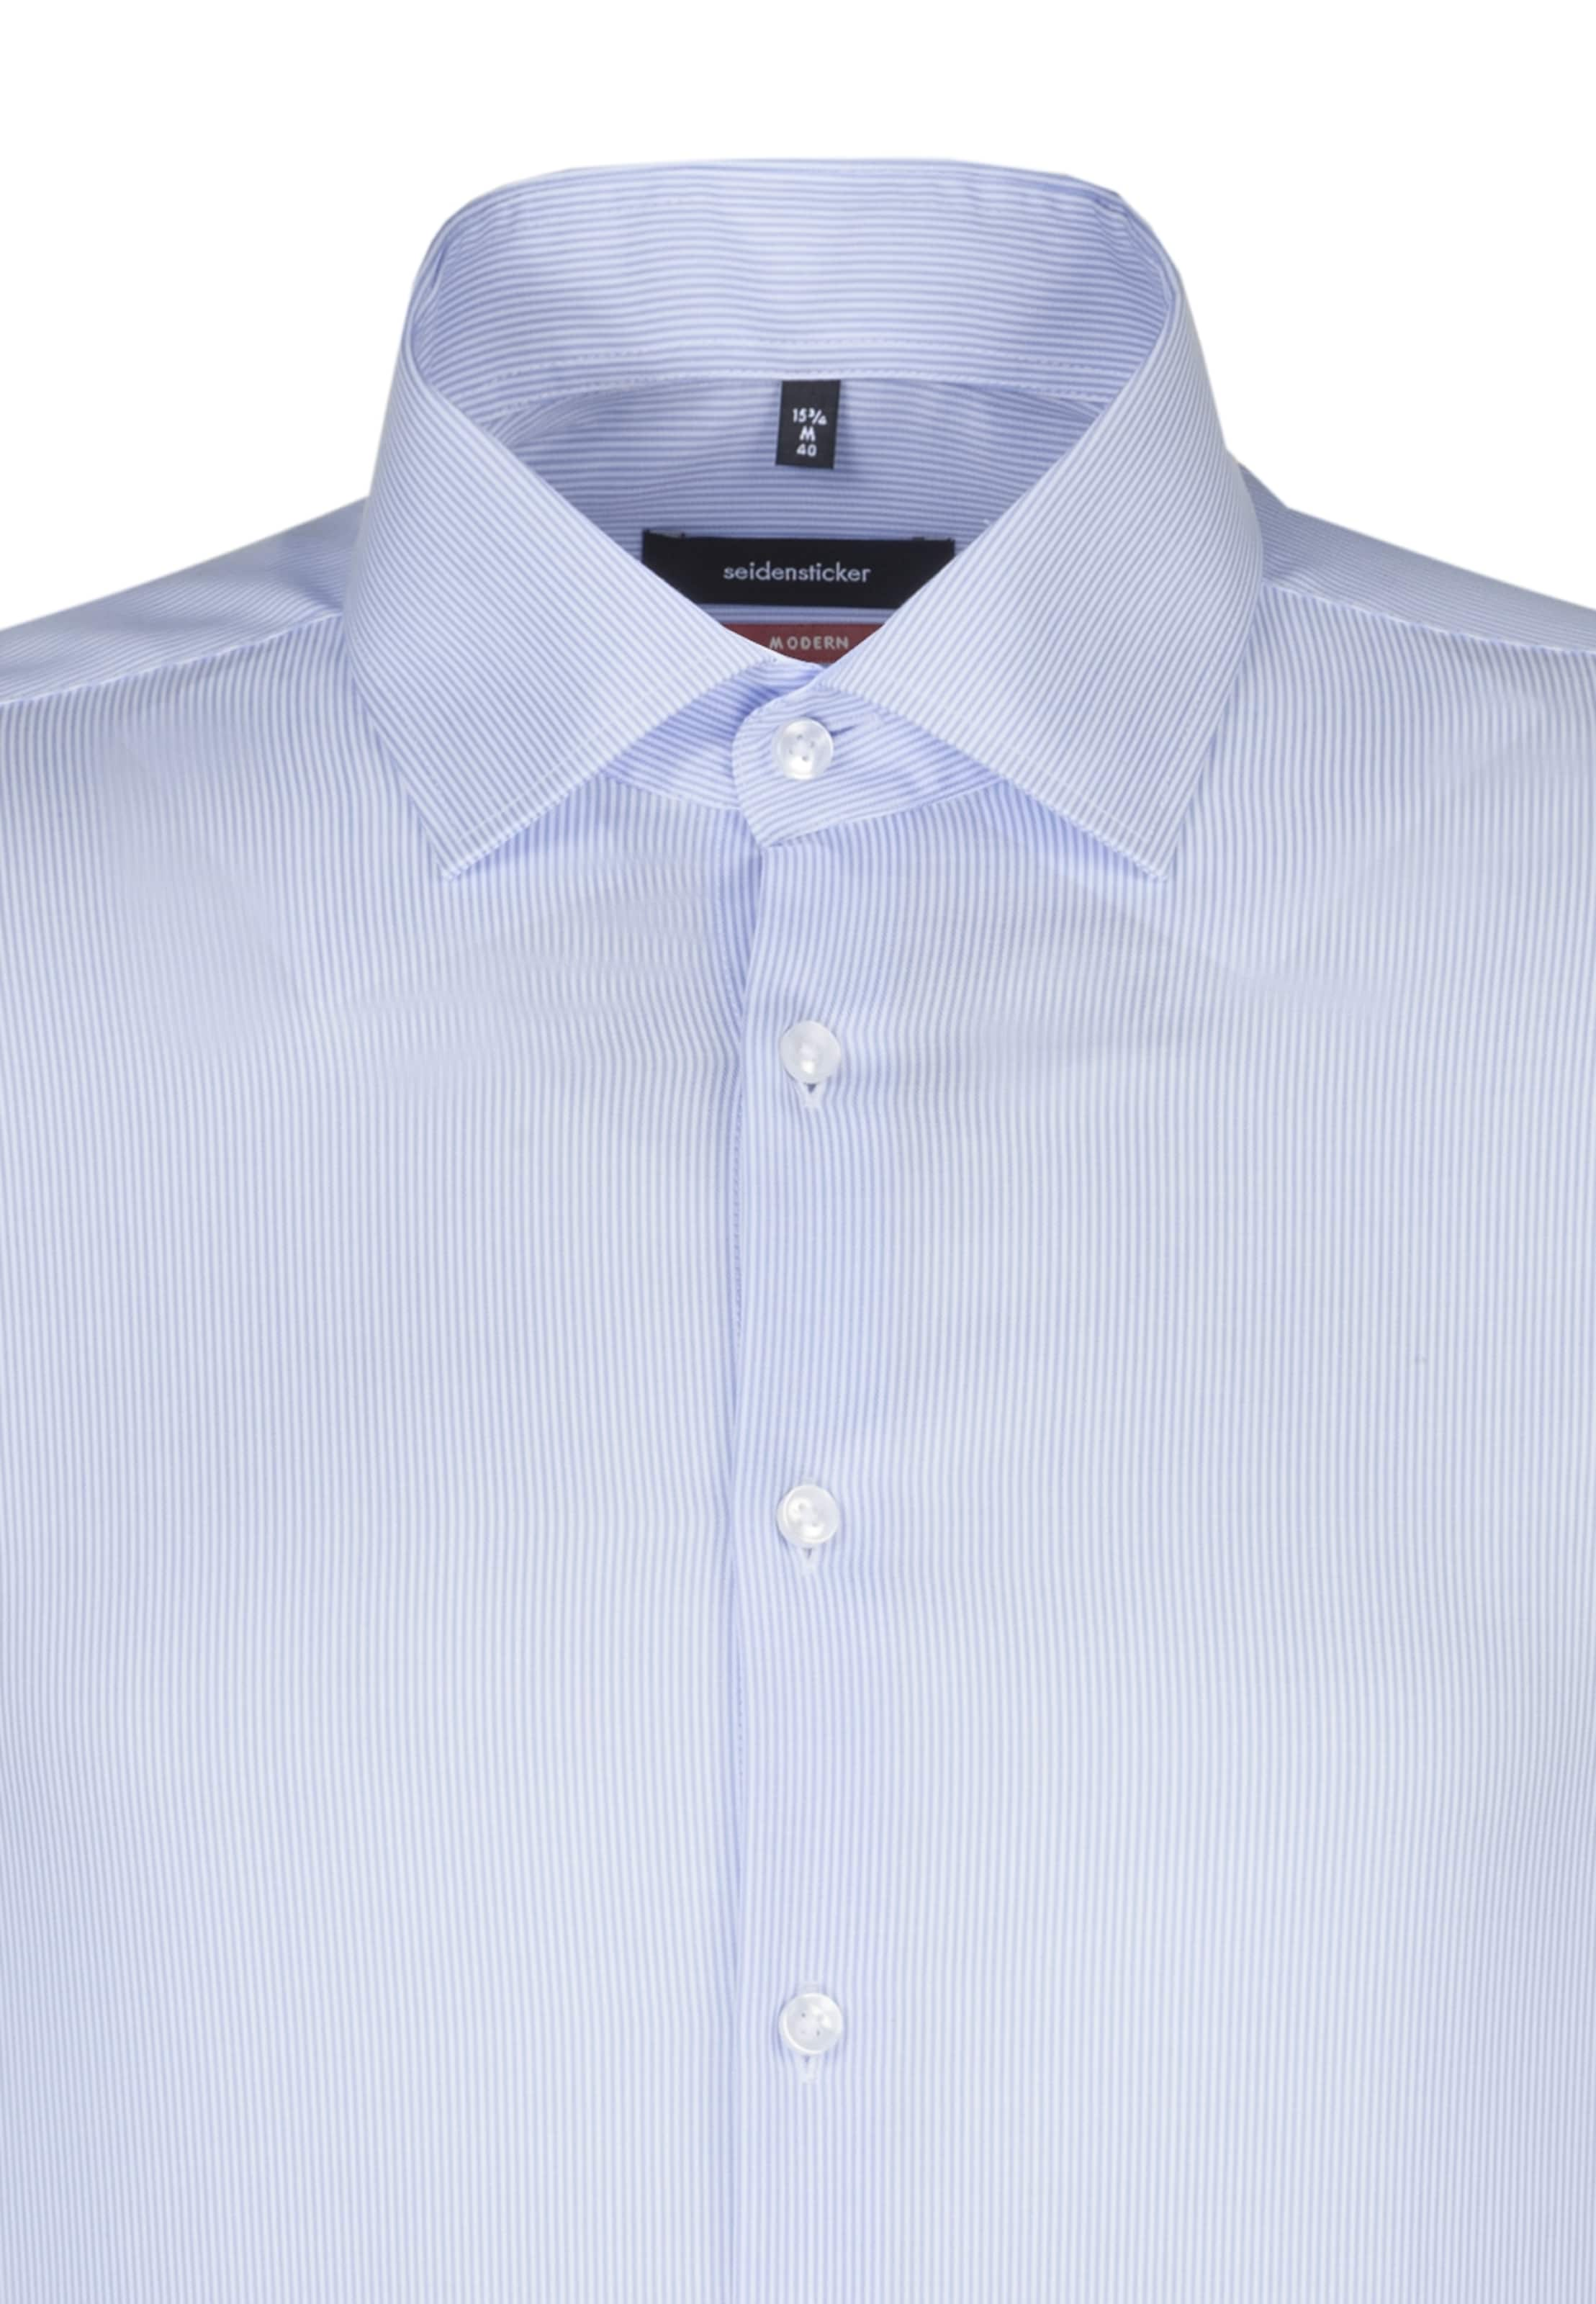 Overhemd Seidensticker In Zakelijk LichtblauwWit 'modern' 435ARLj